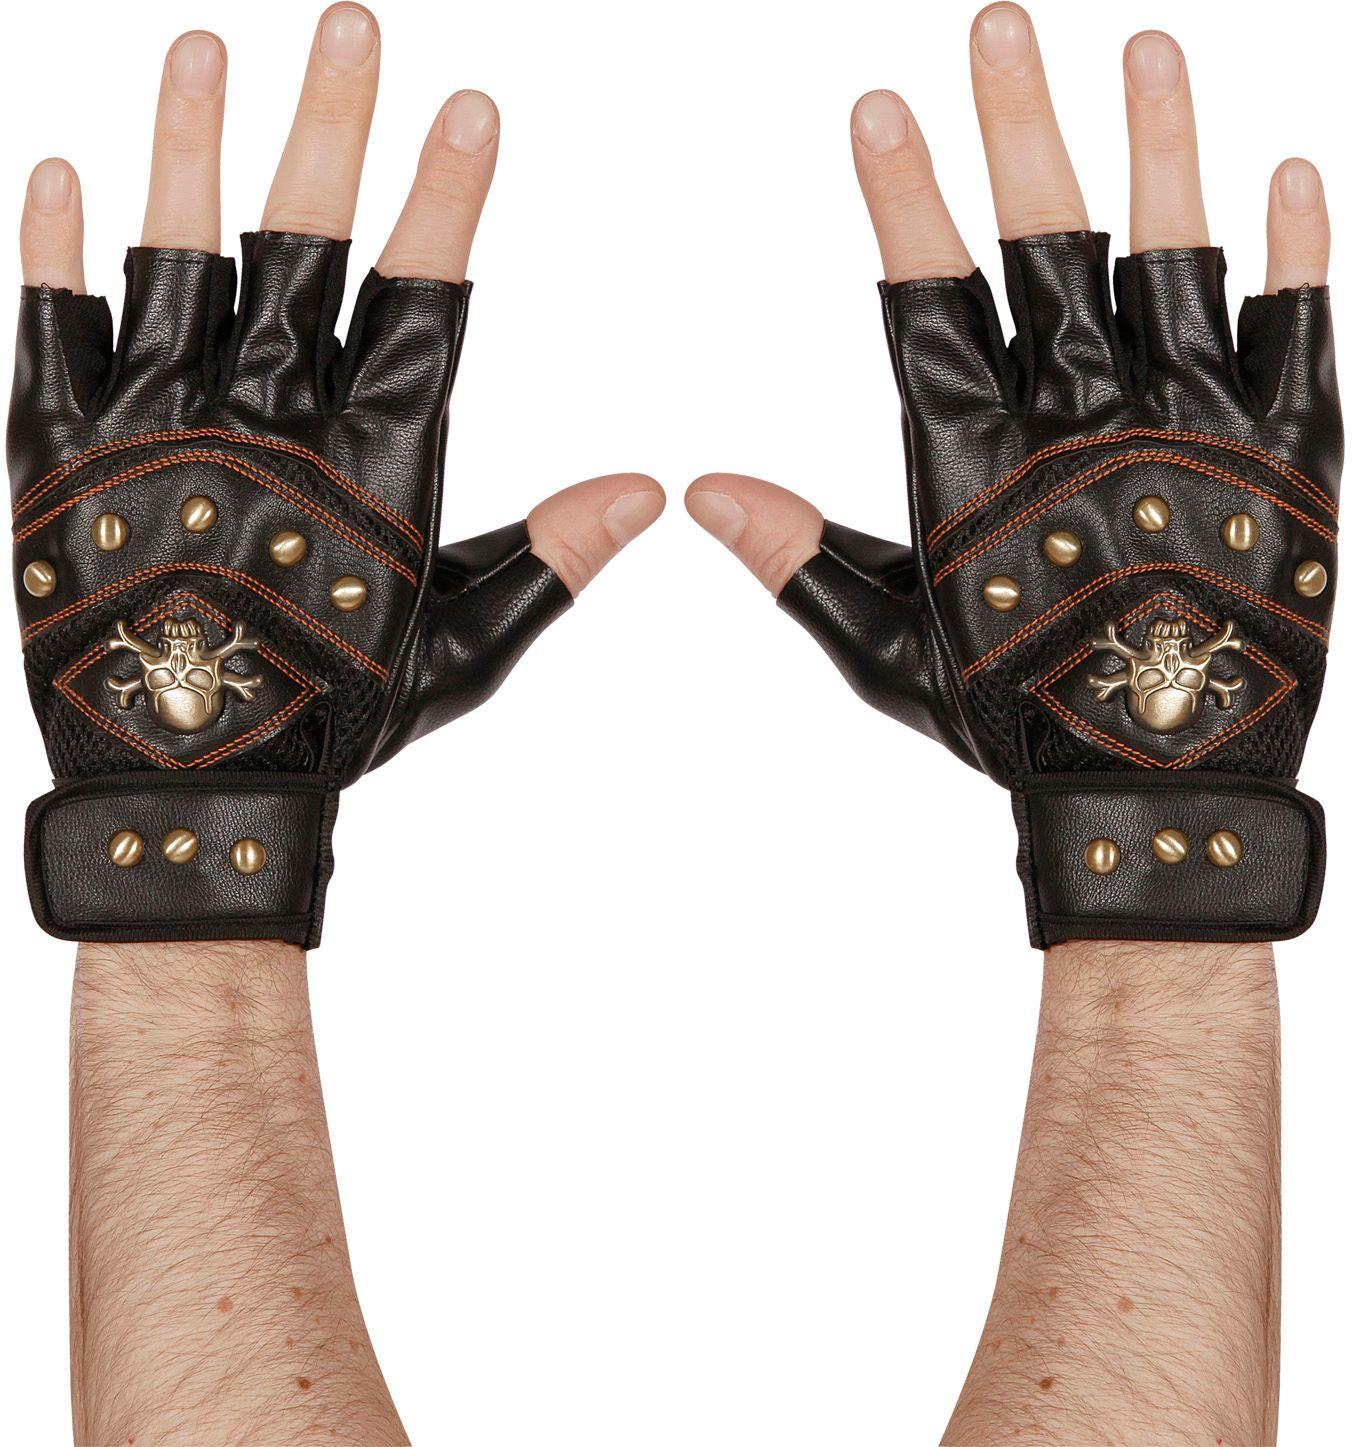 Lederlook piraten handschoenen